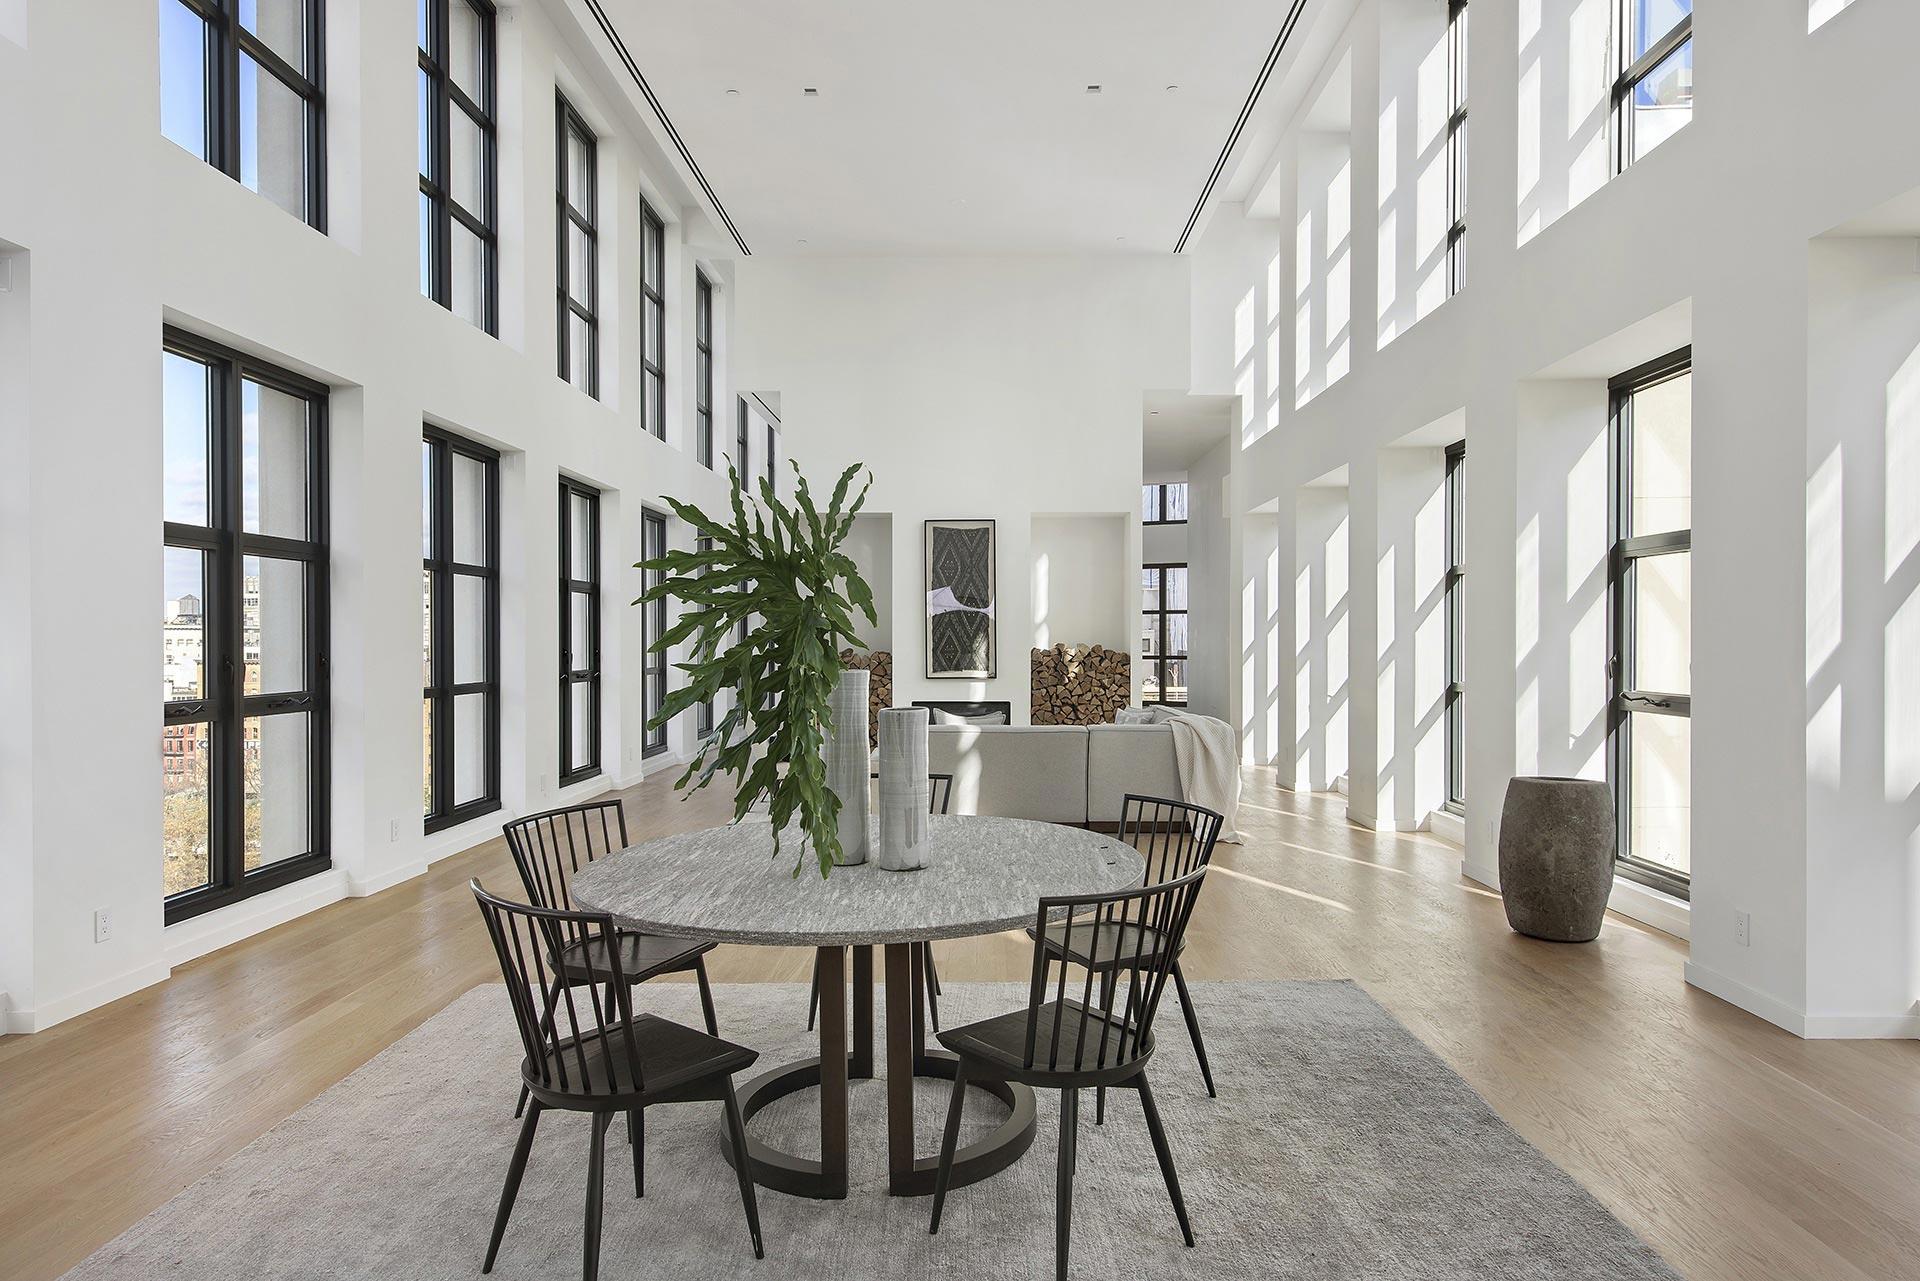 Spacious penthouse interiors